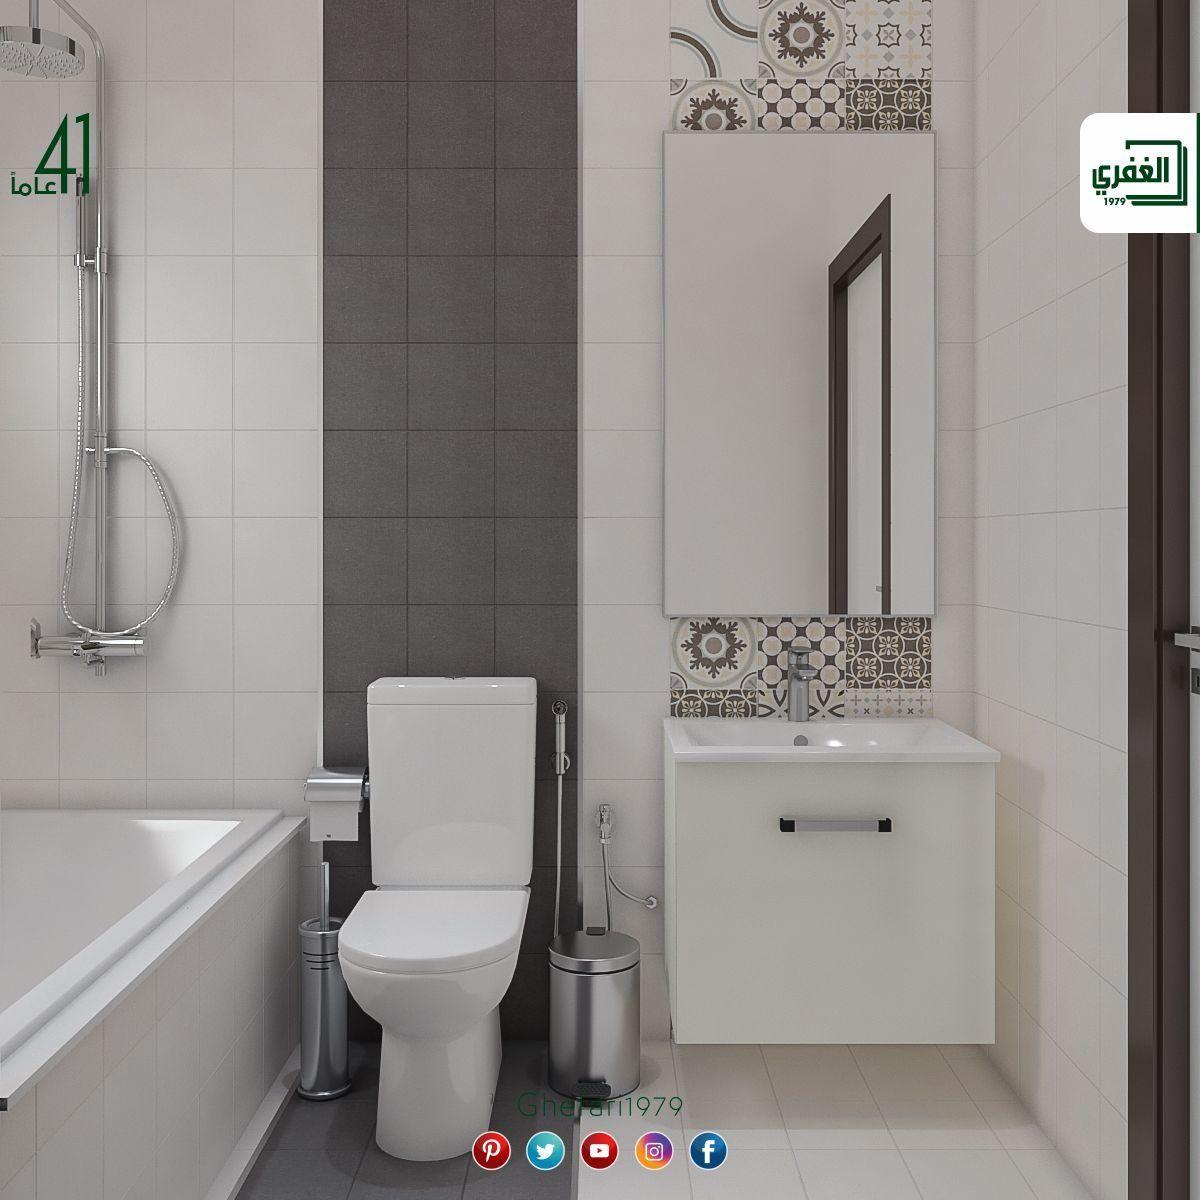 بورسلان أسباني ديكور اندلسي للاستخدام داخل الحمامات المطابخ اماكن اخرى للمزيد زورونا على موقع الشركة Https Www Ghefari Com Ar He Toilet Bathroom Heritage